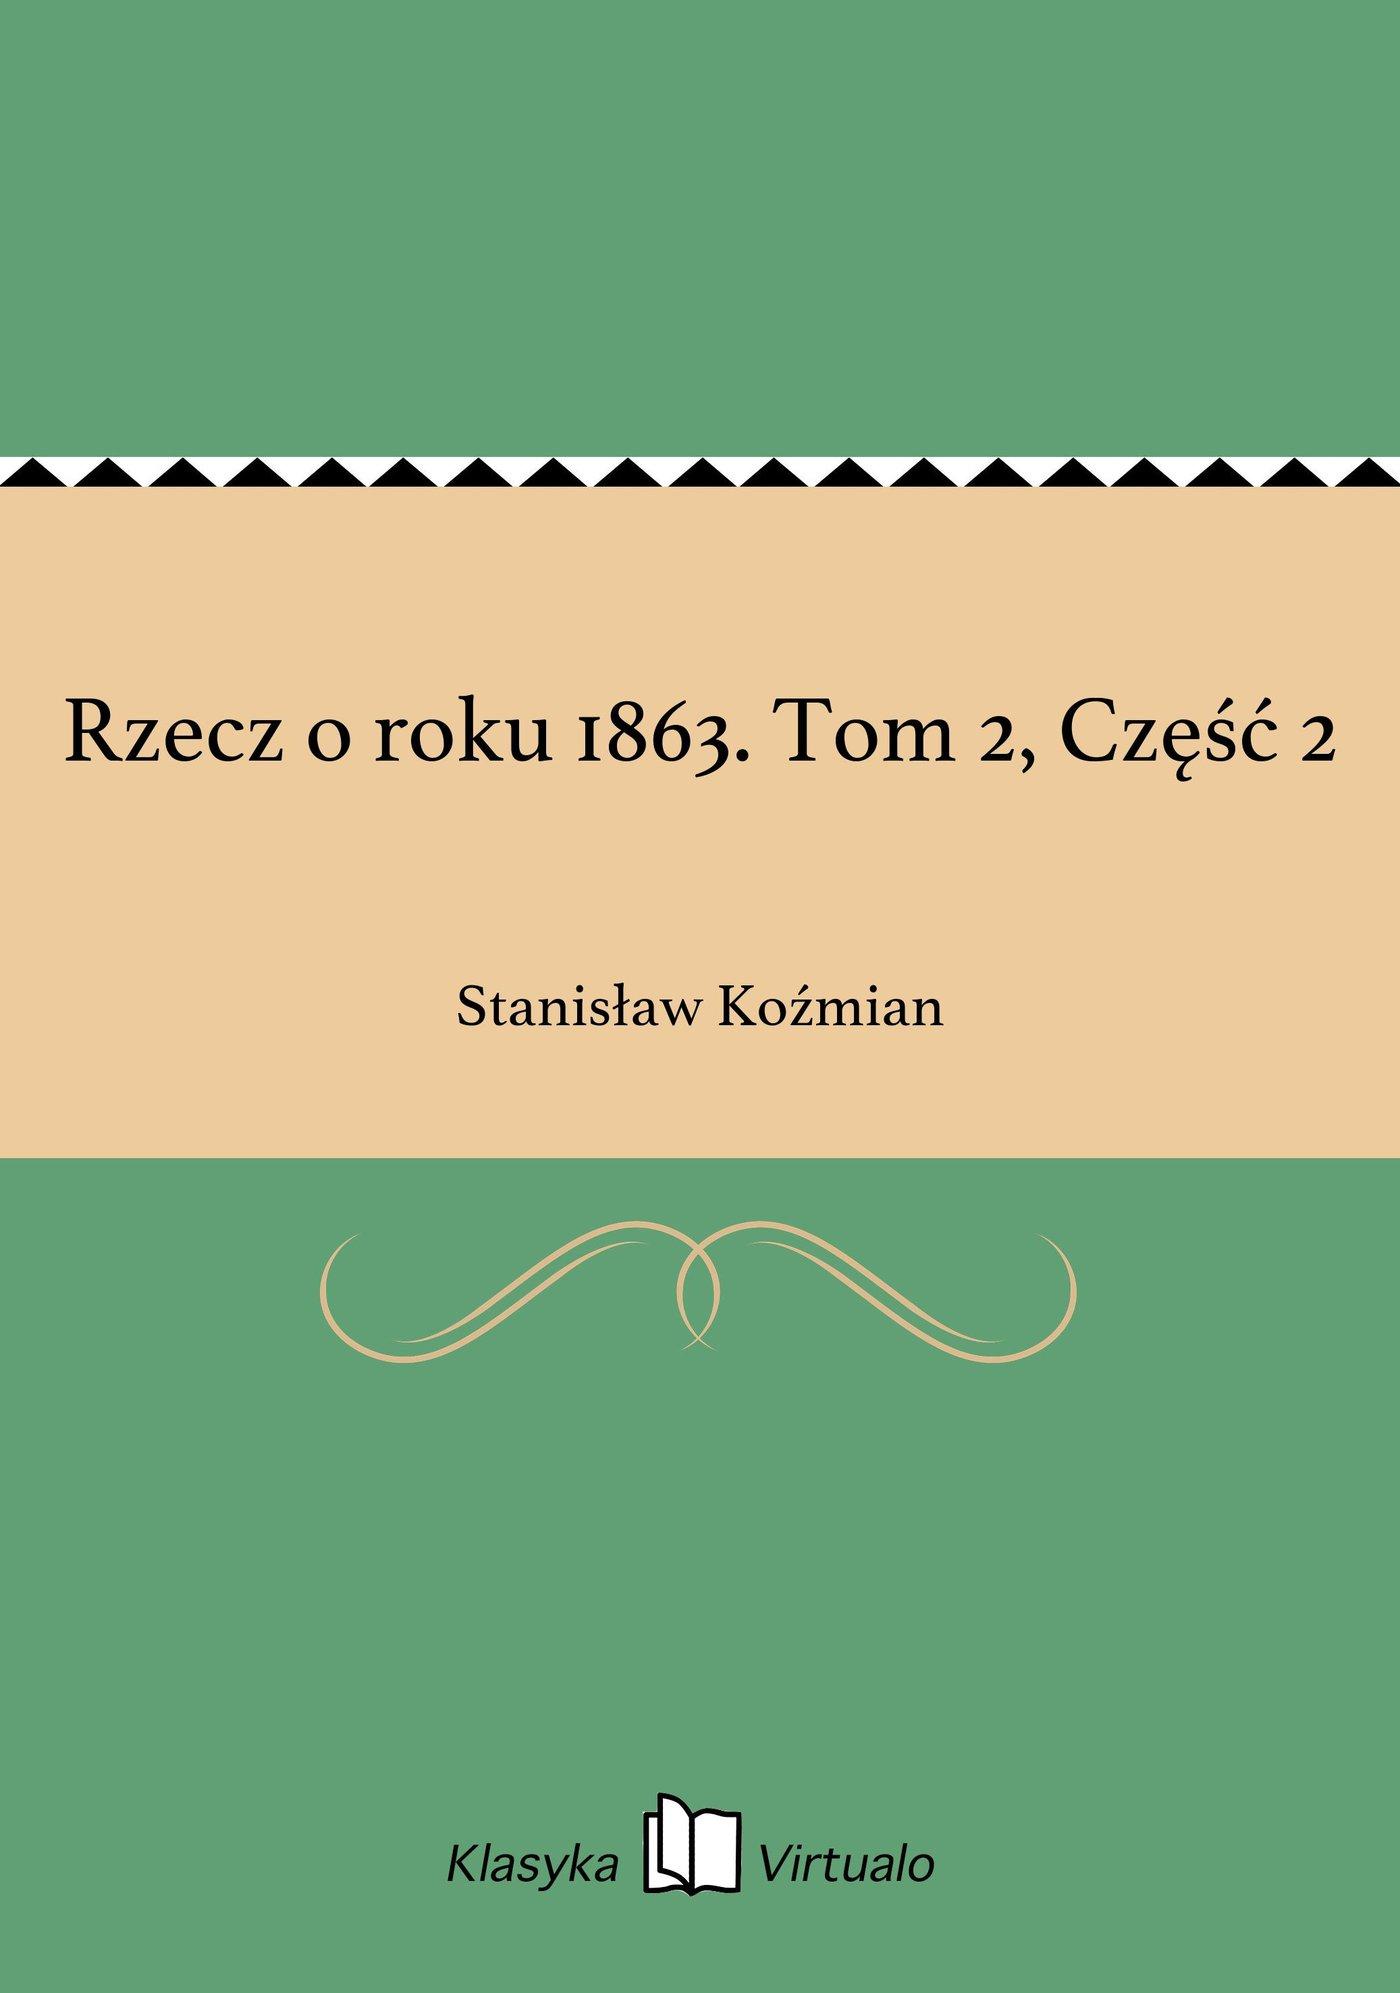 Rzecz o roku 1863. Tom 2, Część 2 - Ebook (Książka EPUB) do pobrania w formacie EPUB